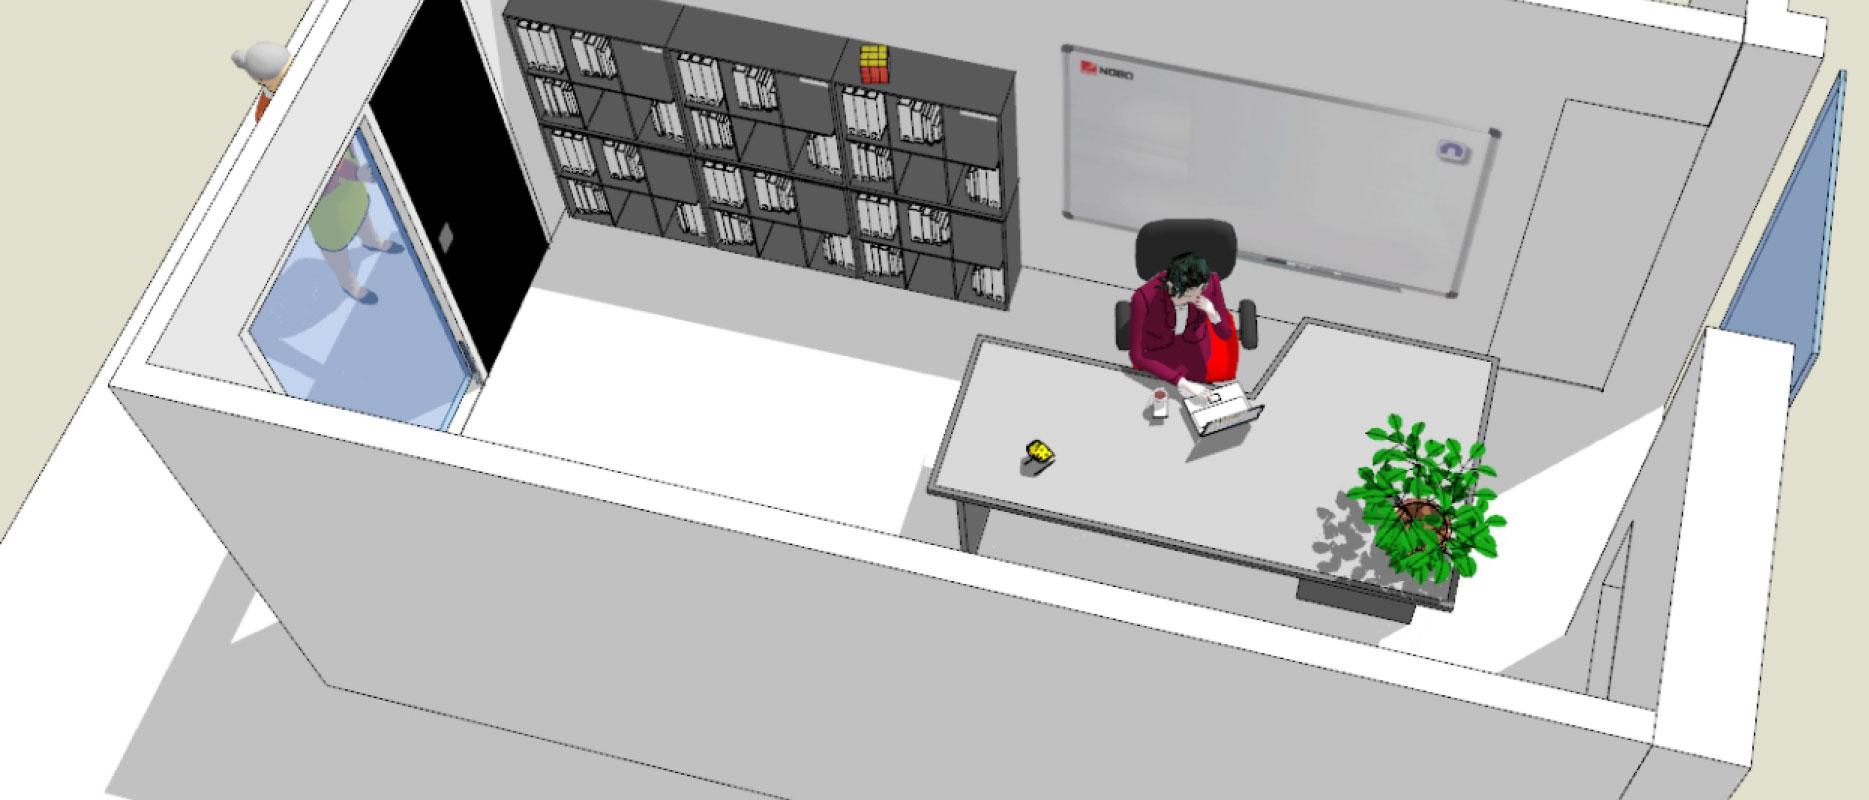 helle-centret-kontor1